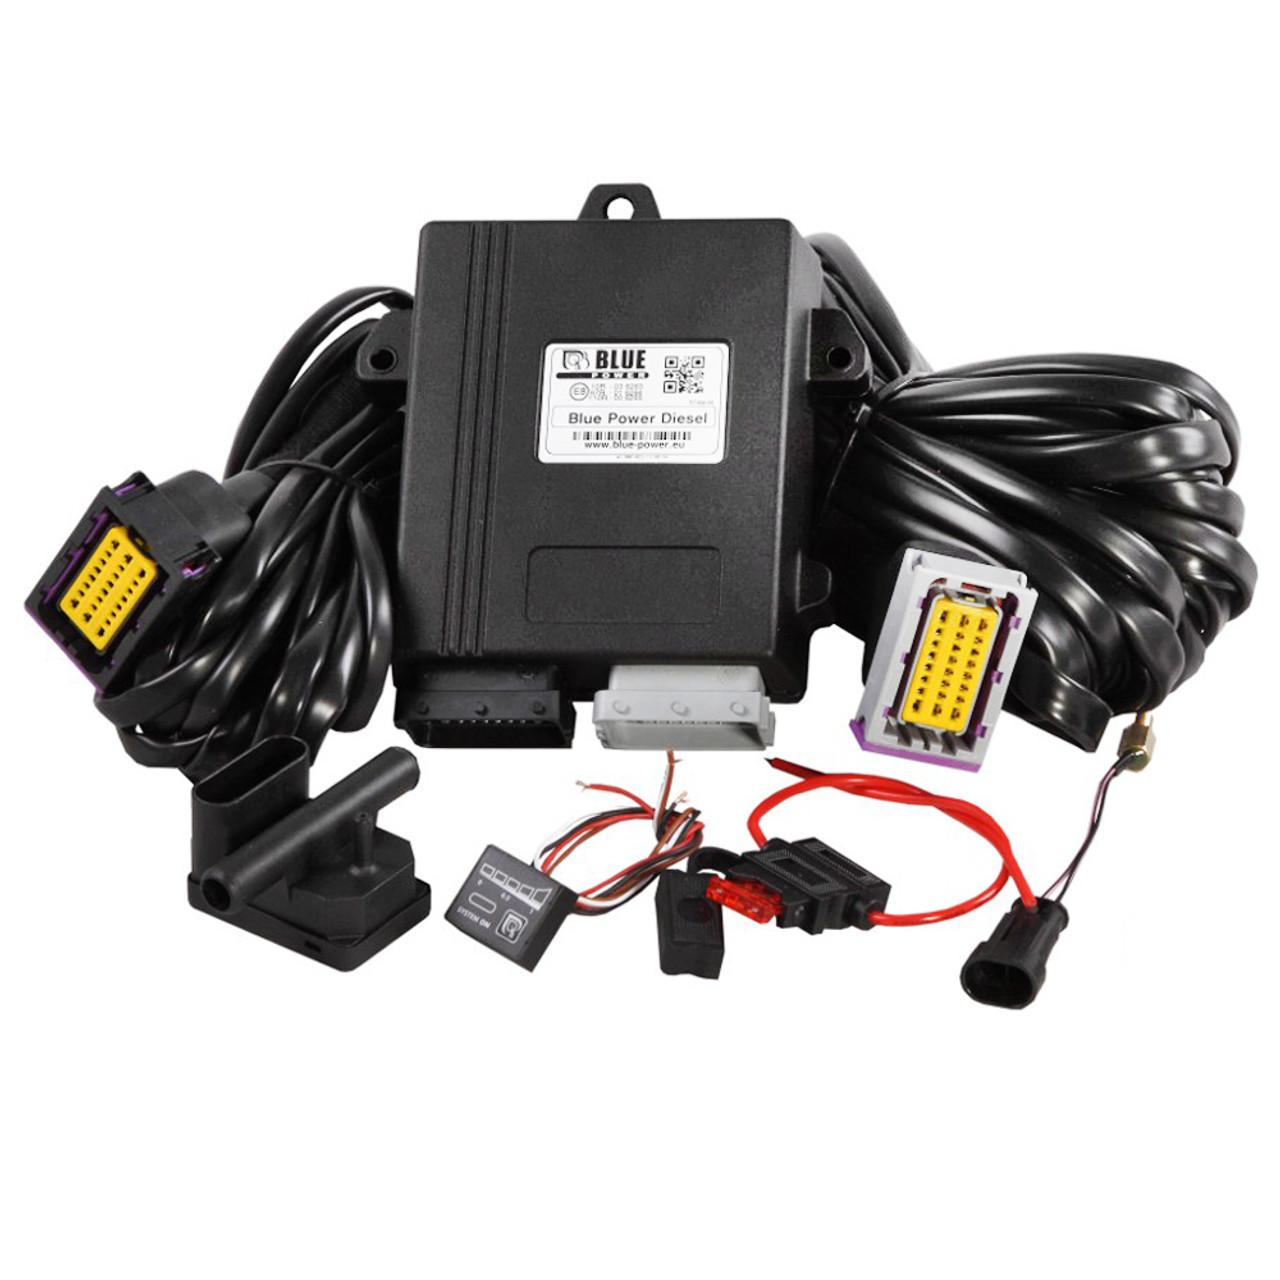 Blue Power Diesel - LPG/CNG Conversion Kit